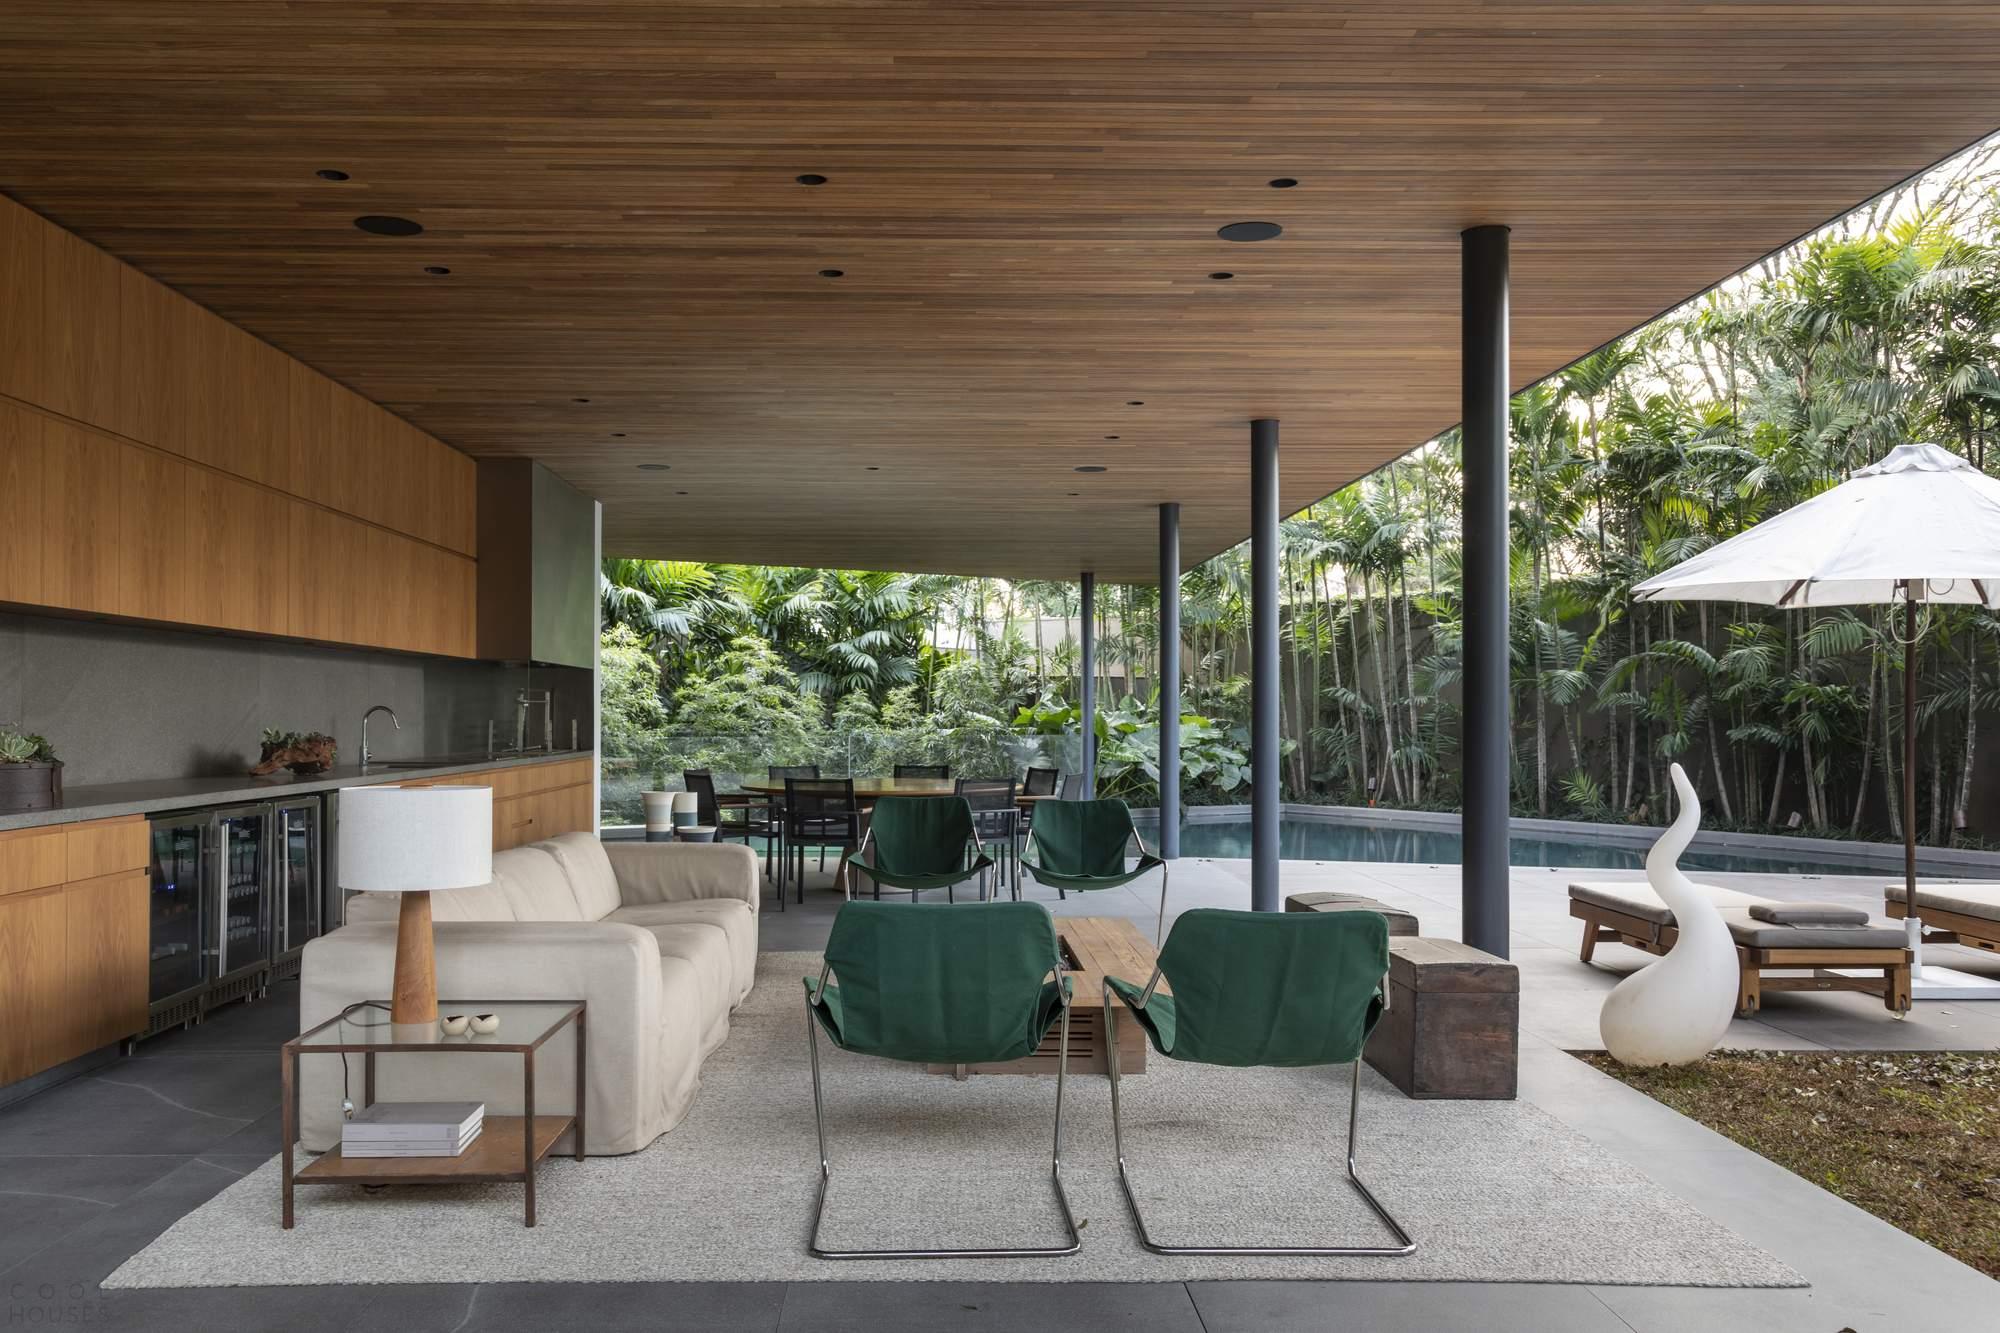 Семейная резиденция с гостеприимным интерьером, Бразилия